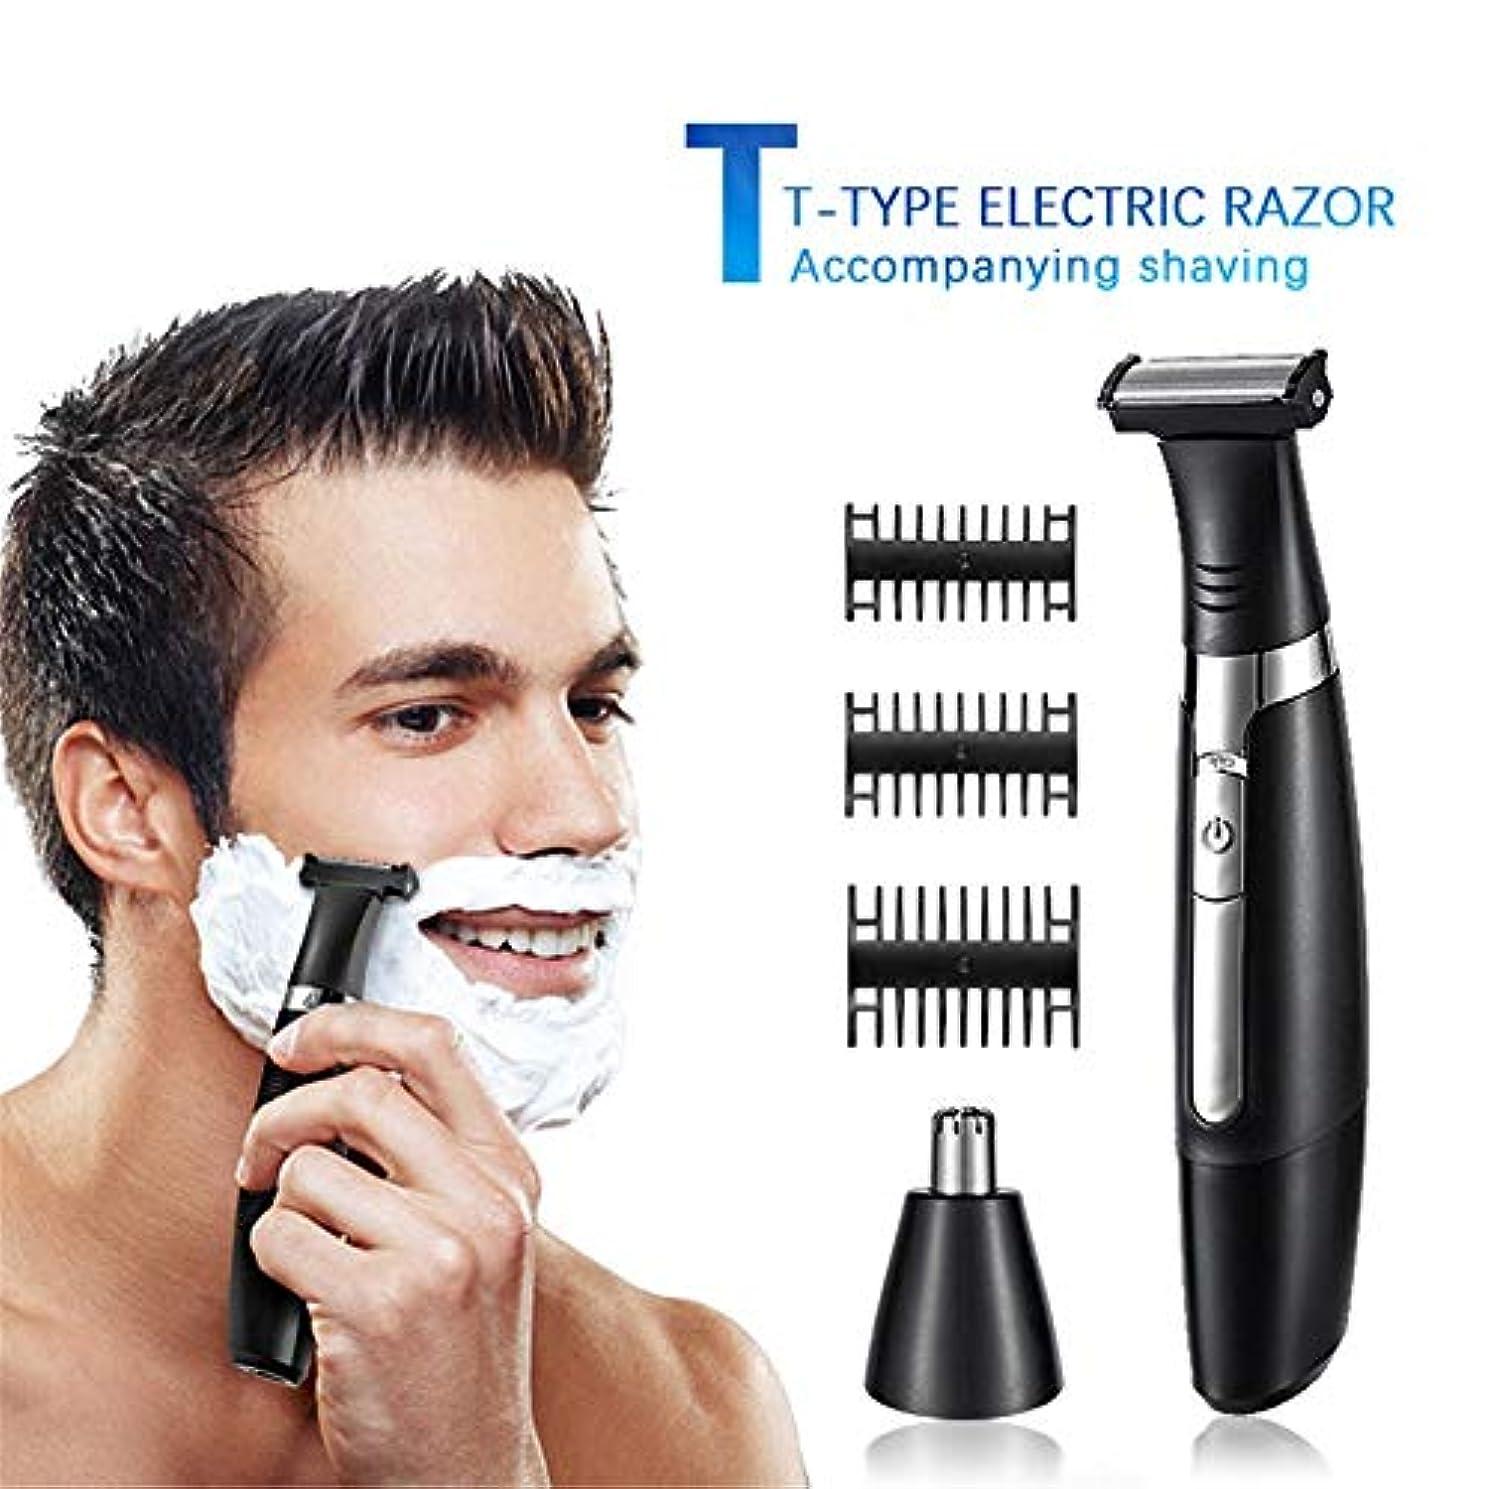 再生可能クラフト現実的1バリカンシェーバーでヒゲトリマー男性、鼻毛トリマー、2、USB充電式グルーミングキット、全身洗える、急速充電